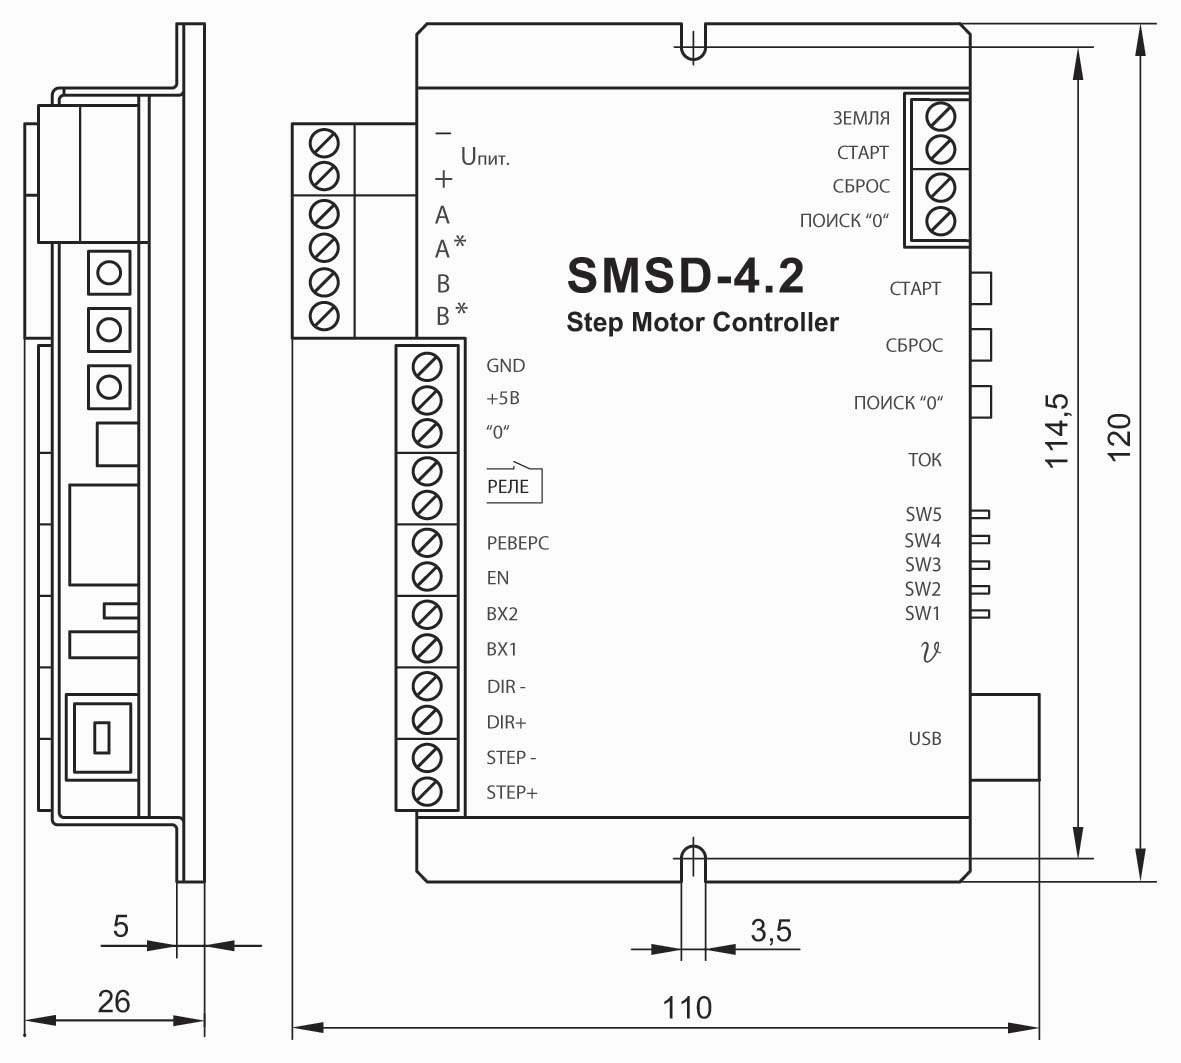 Габаритные размера блока управления шаговыми двигателями SMSD-4.2